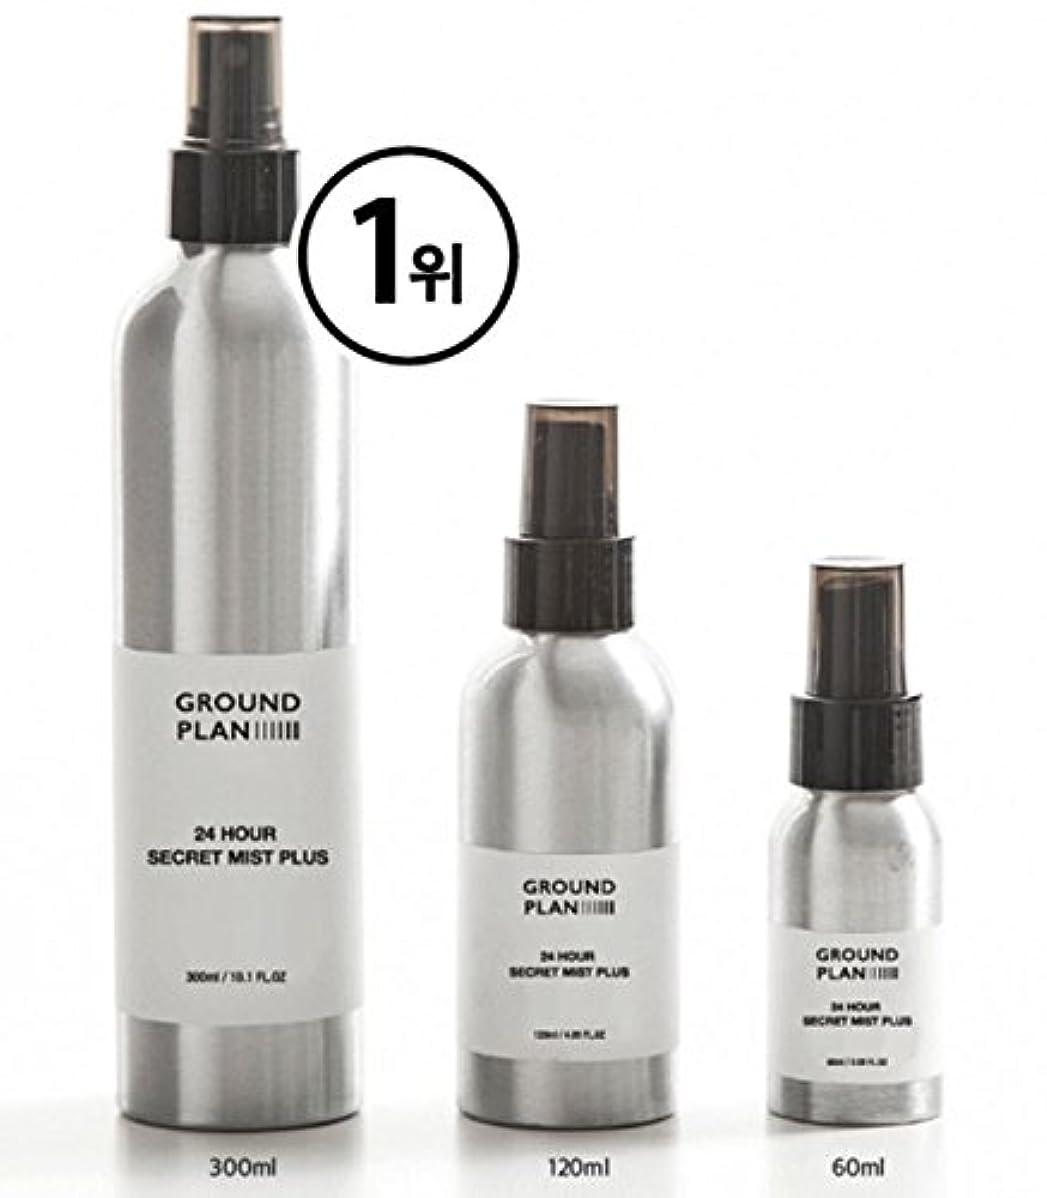 想像力豊かな増幅する地下室[グラウンド?プラン] 24Hour 秘密 スキンミスト Plus (120ml) (300ml) Ground plan 24 Hour Secret Skin Mist Plus [海外直送品] (120ml)